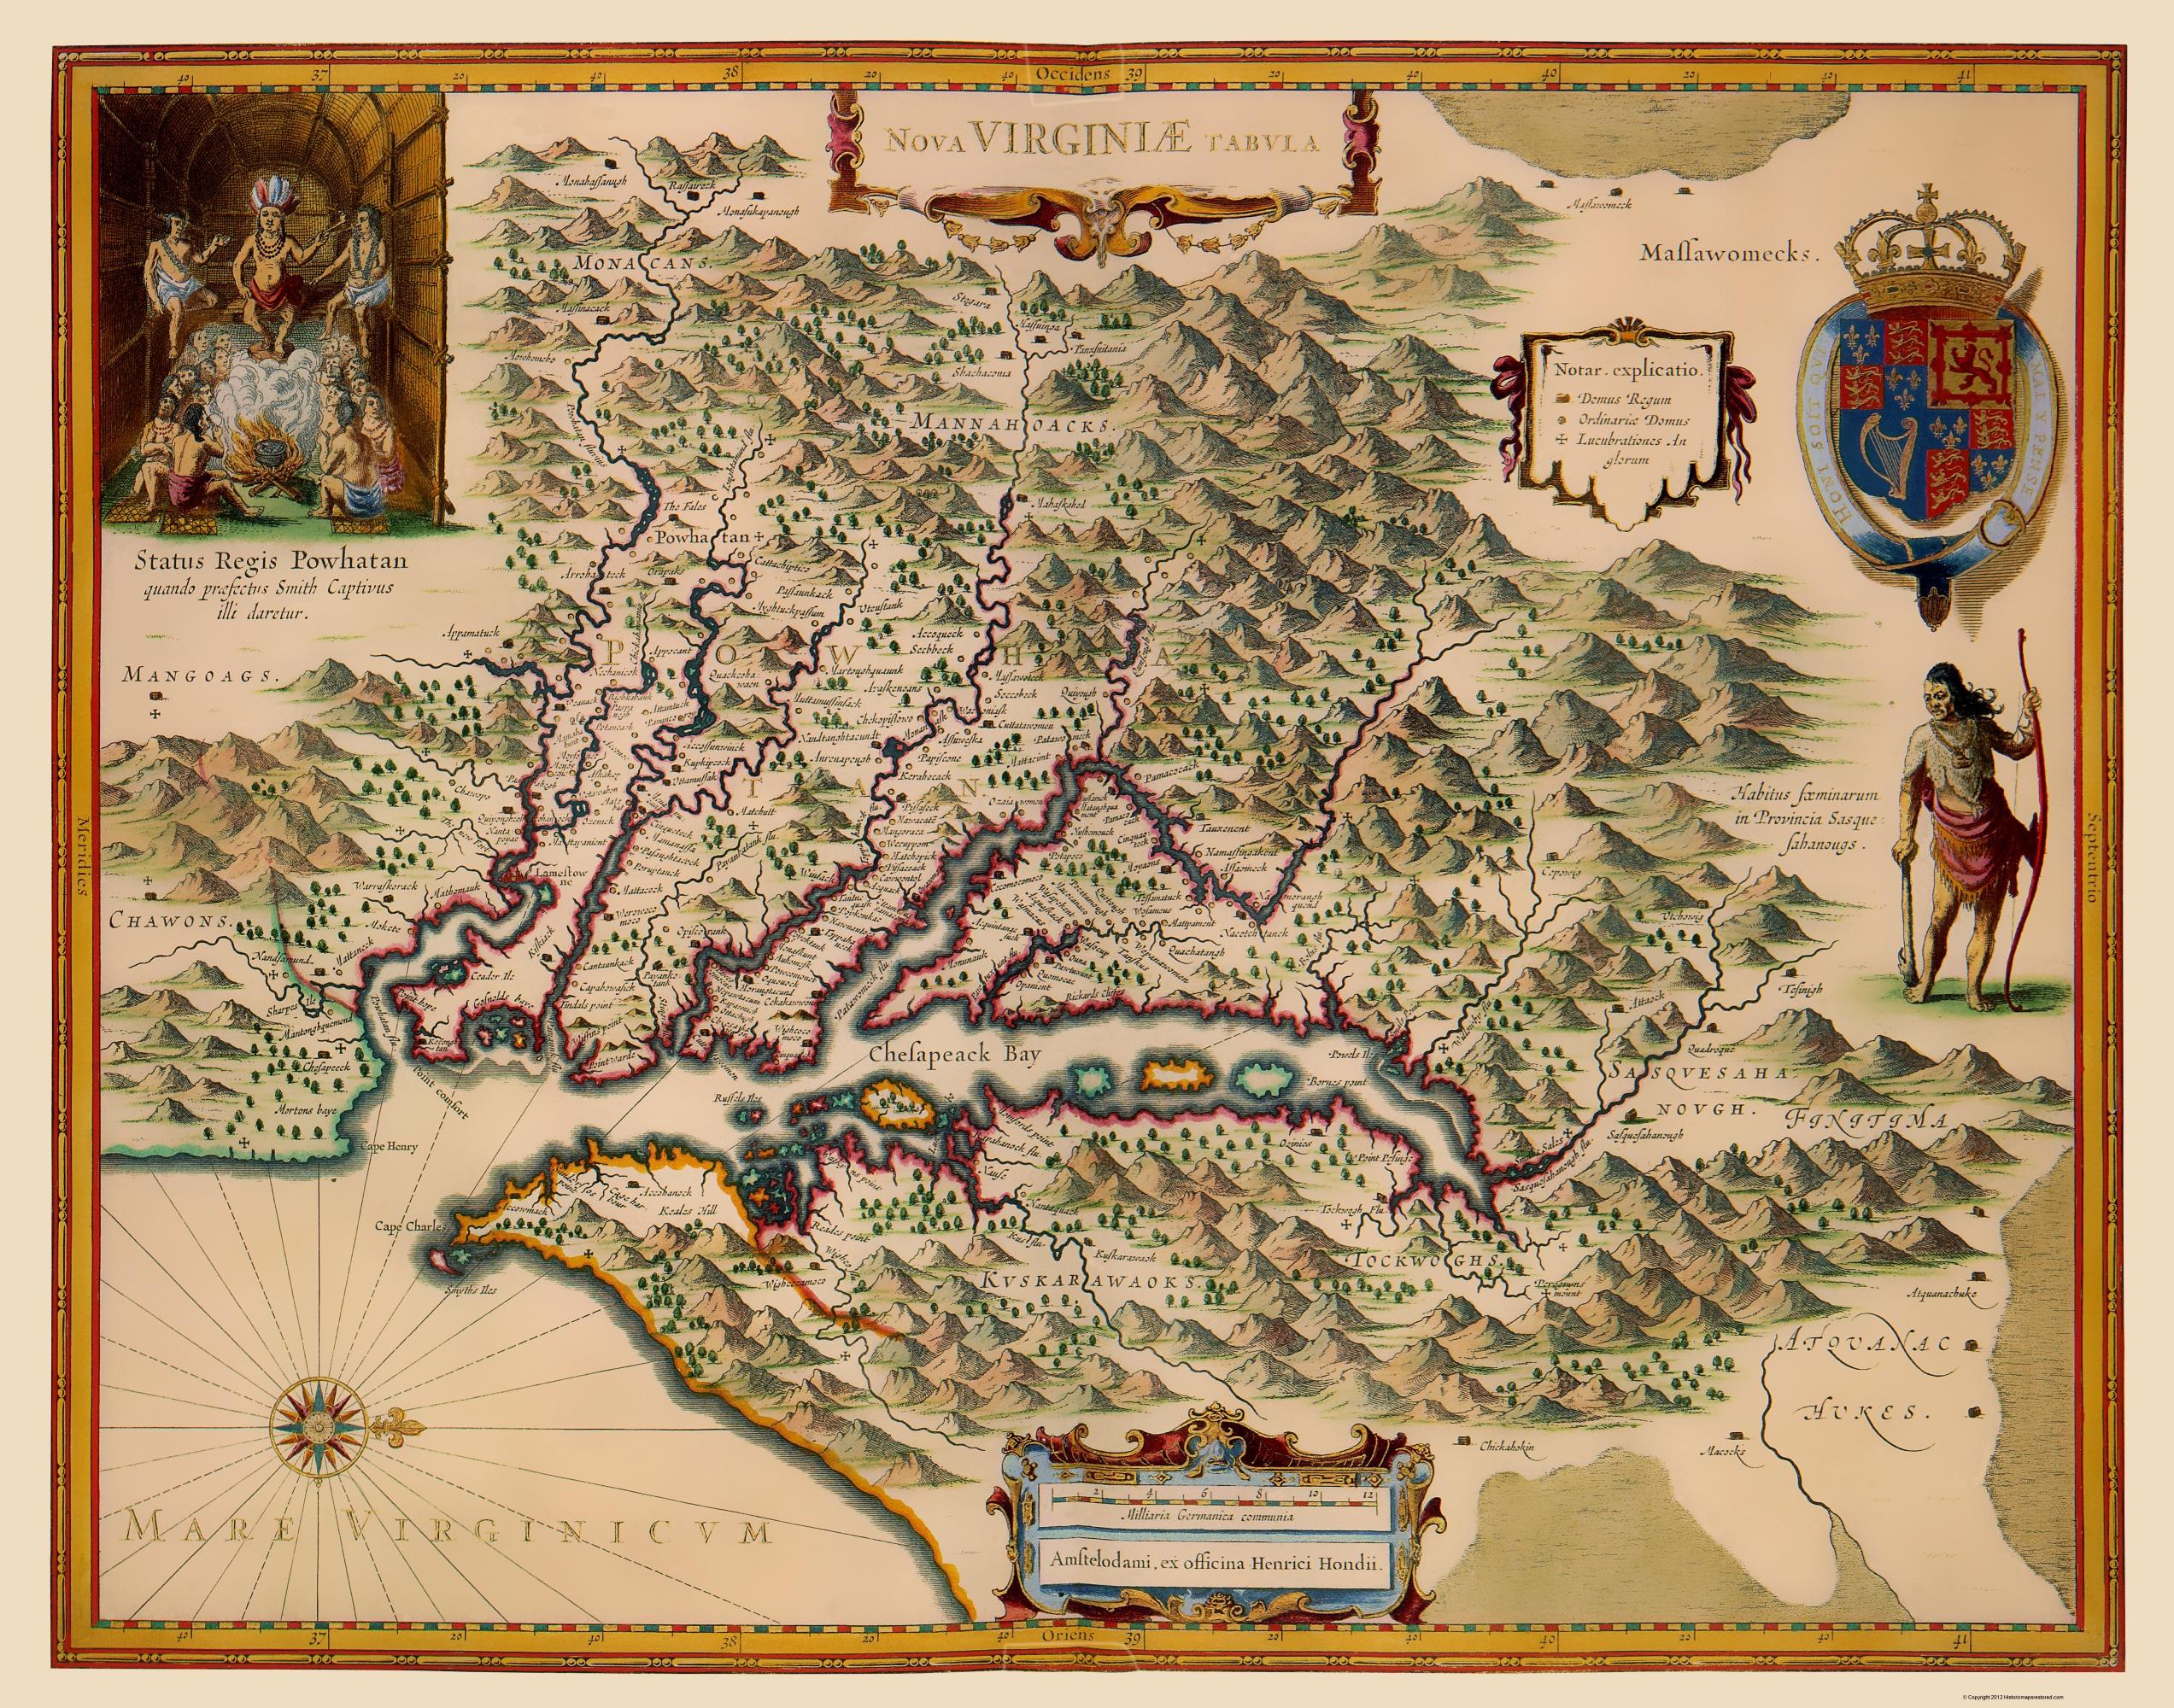 Old State Map - Virginia - Hondius 1633